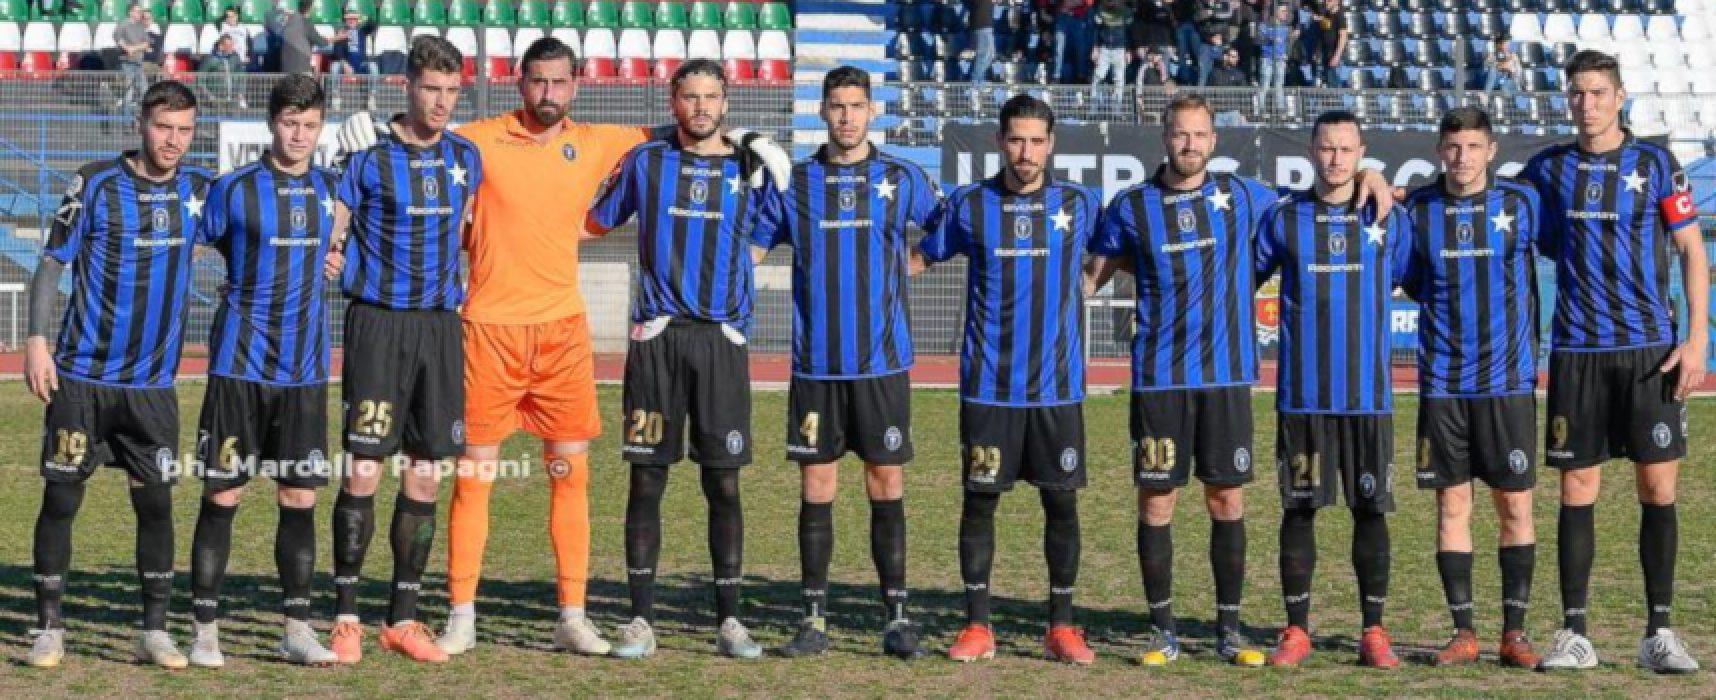 Consiglio Federale: Bisceglie Calcio torna in campo per i playout